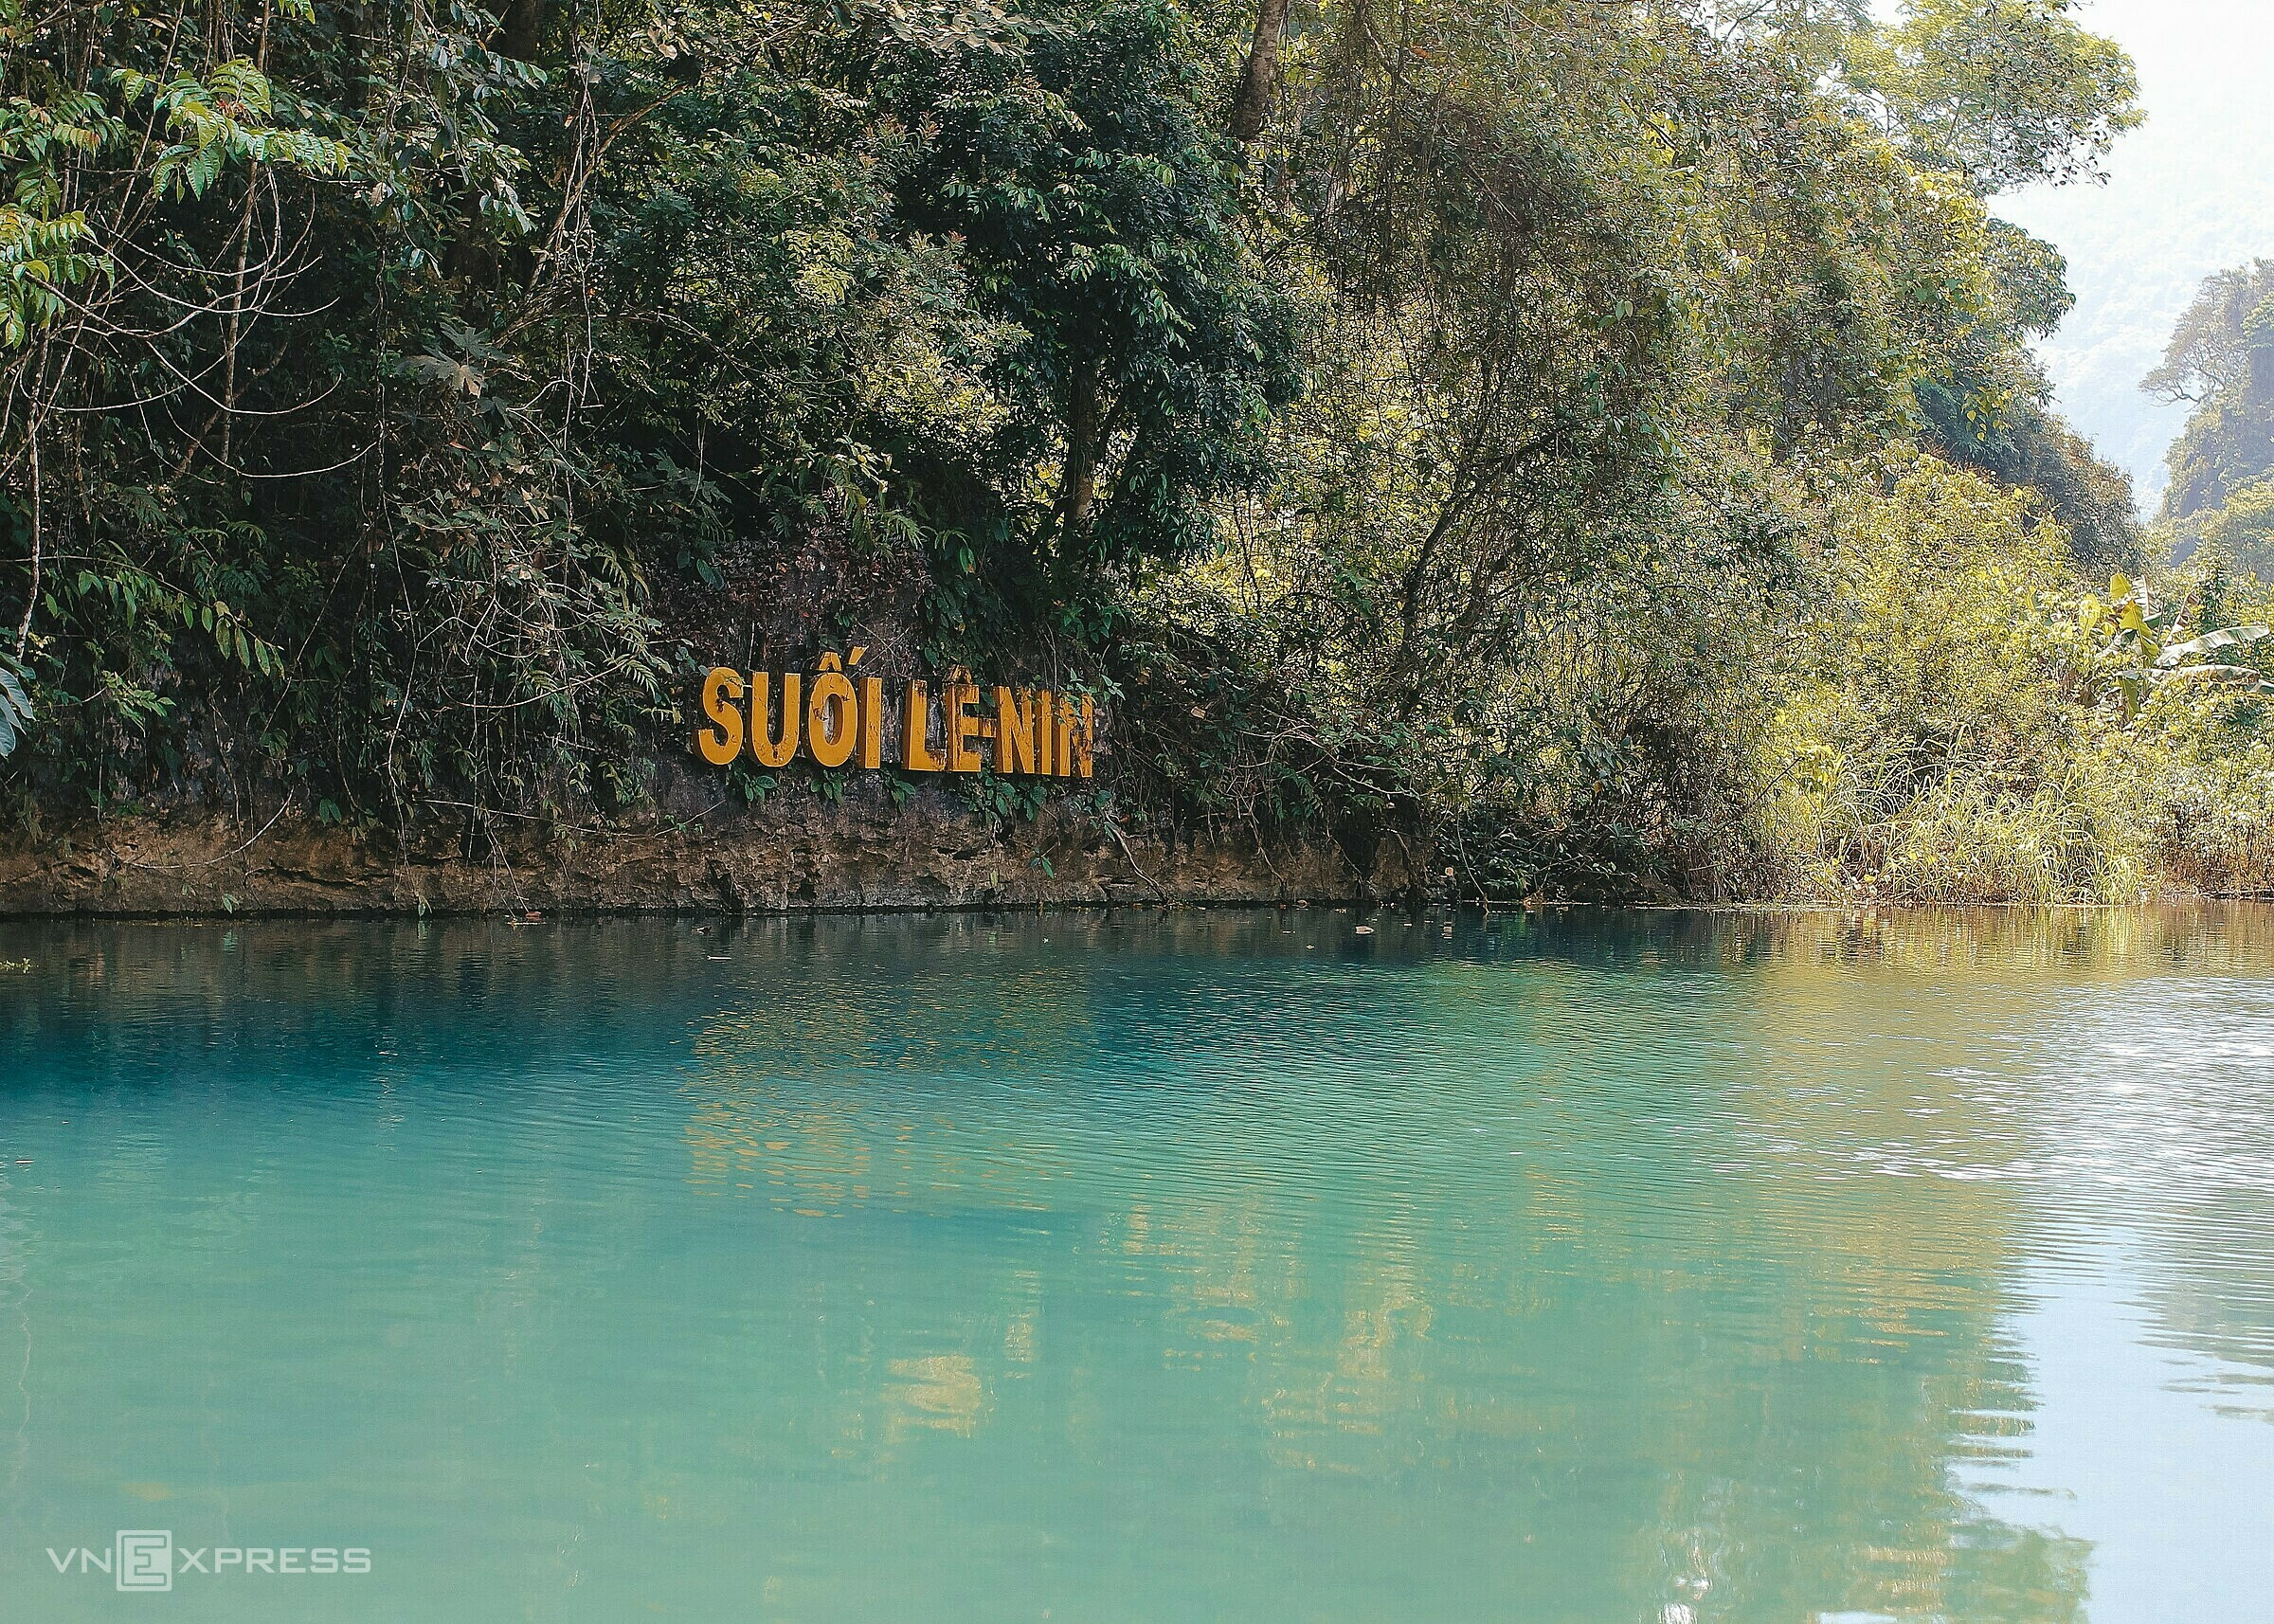 Dòng nước trong xanh chảy của suối Lê Nin. Ảnh: Minh Đức